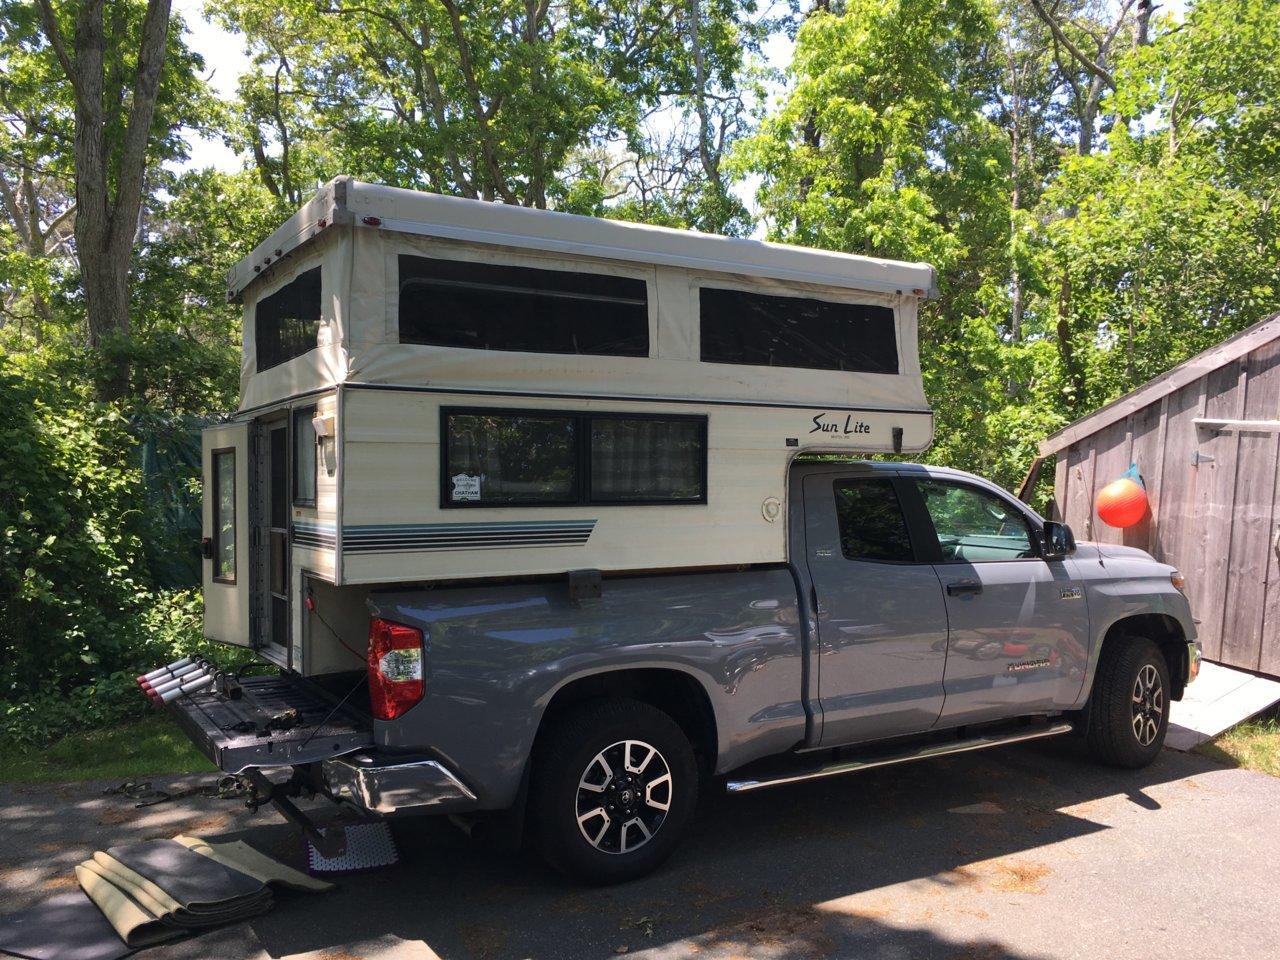 t camper.jpg